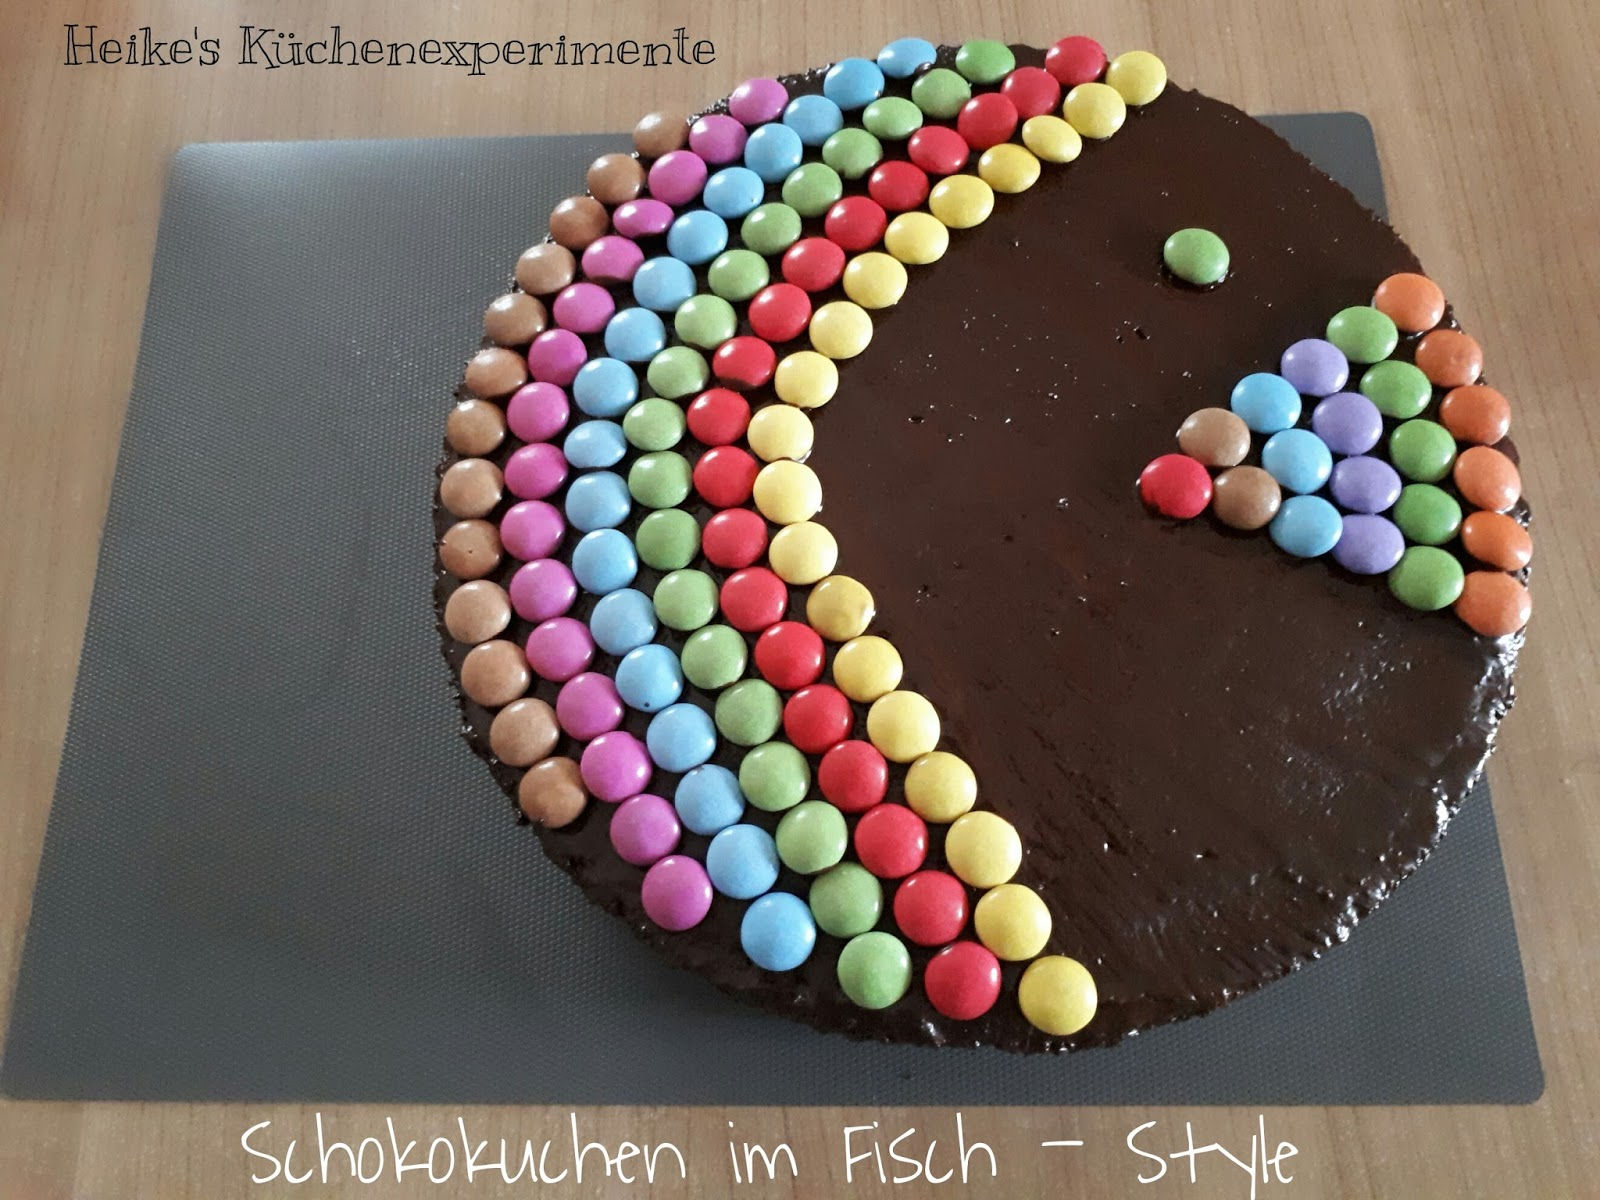 Heike S Kuchenexperimente Schokokuchen Im Fisch Style